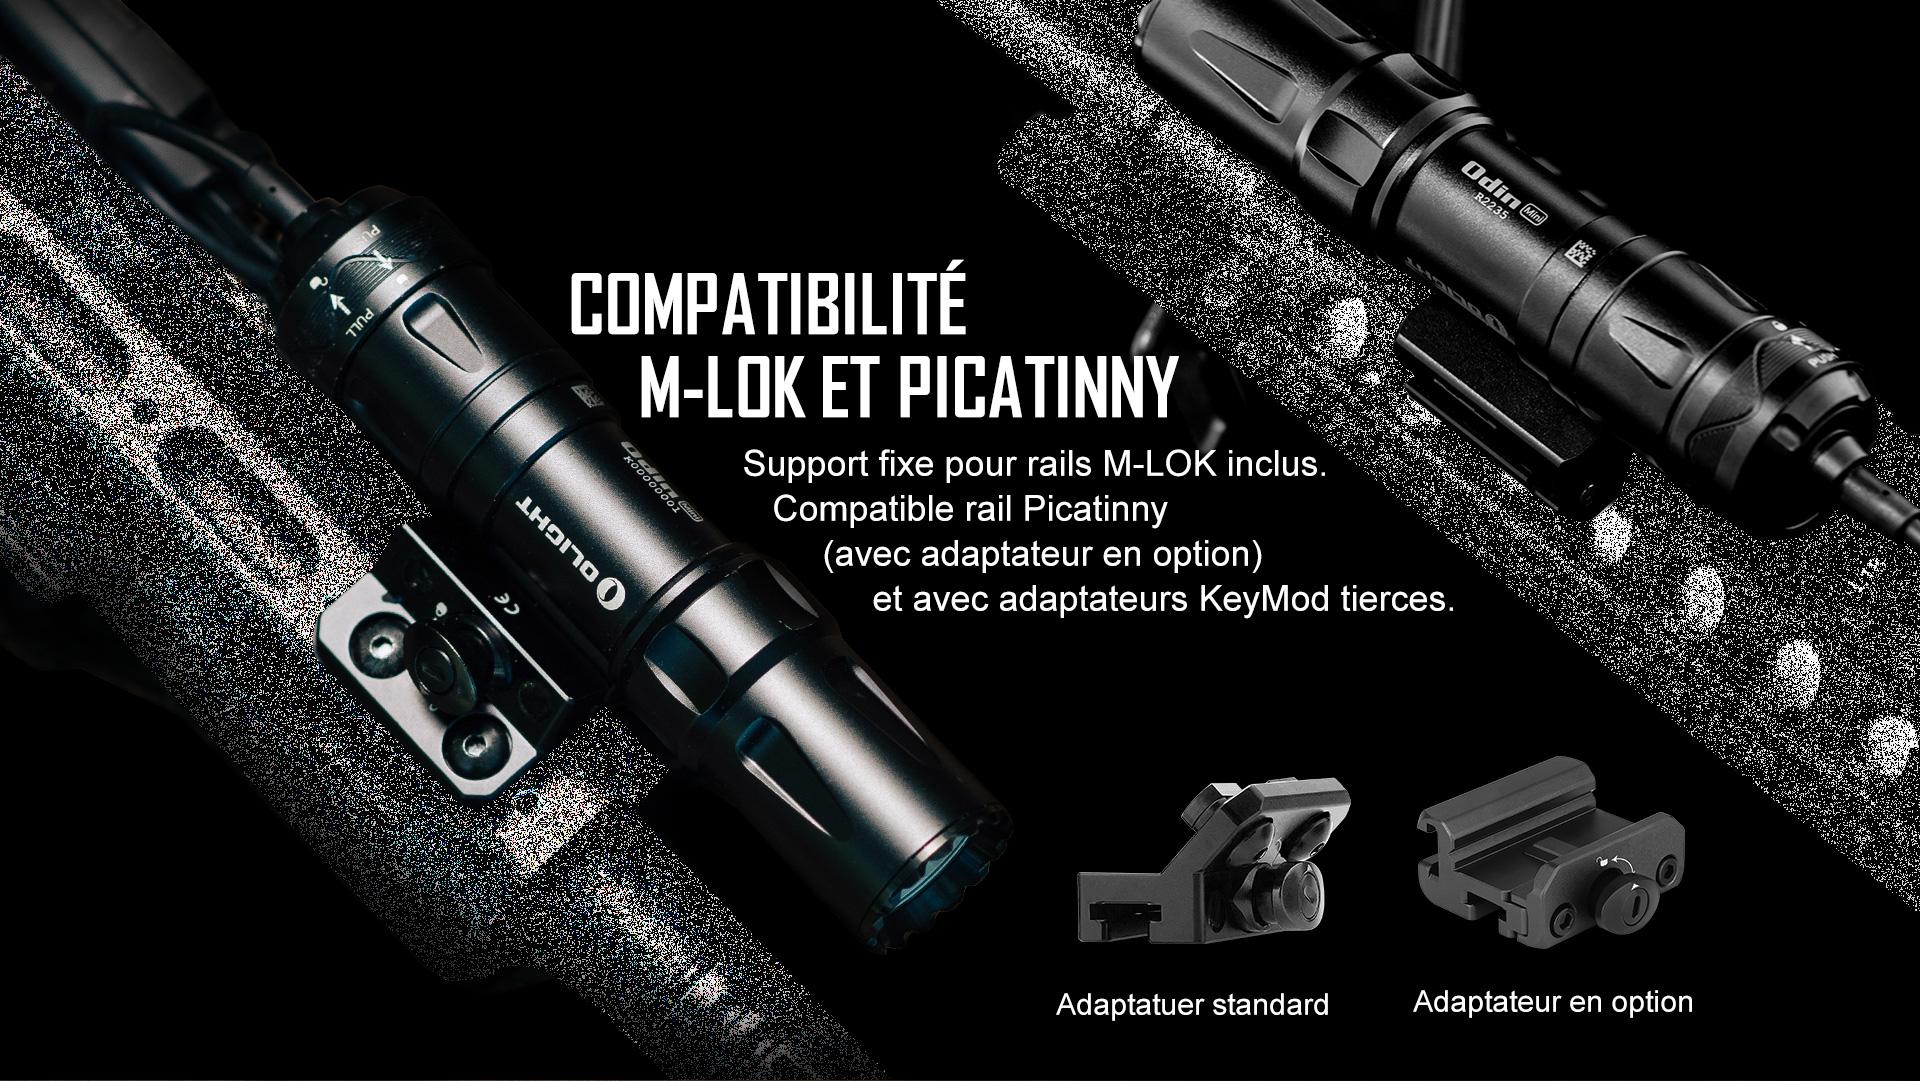 Odin Mini lampe tactique est compatible avec M-LOK et picatinny